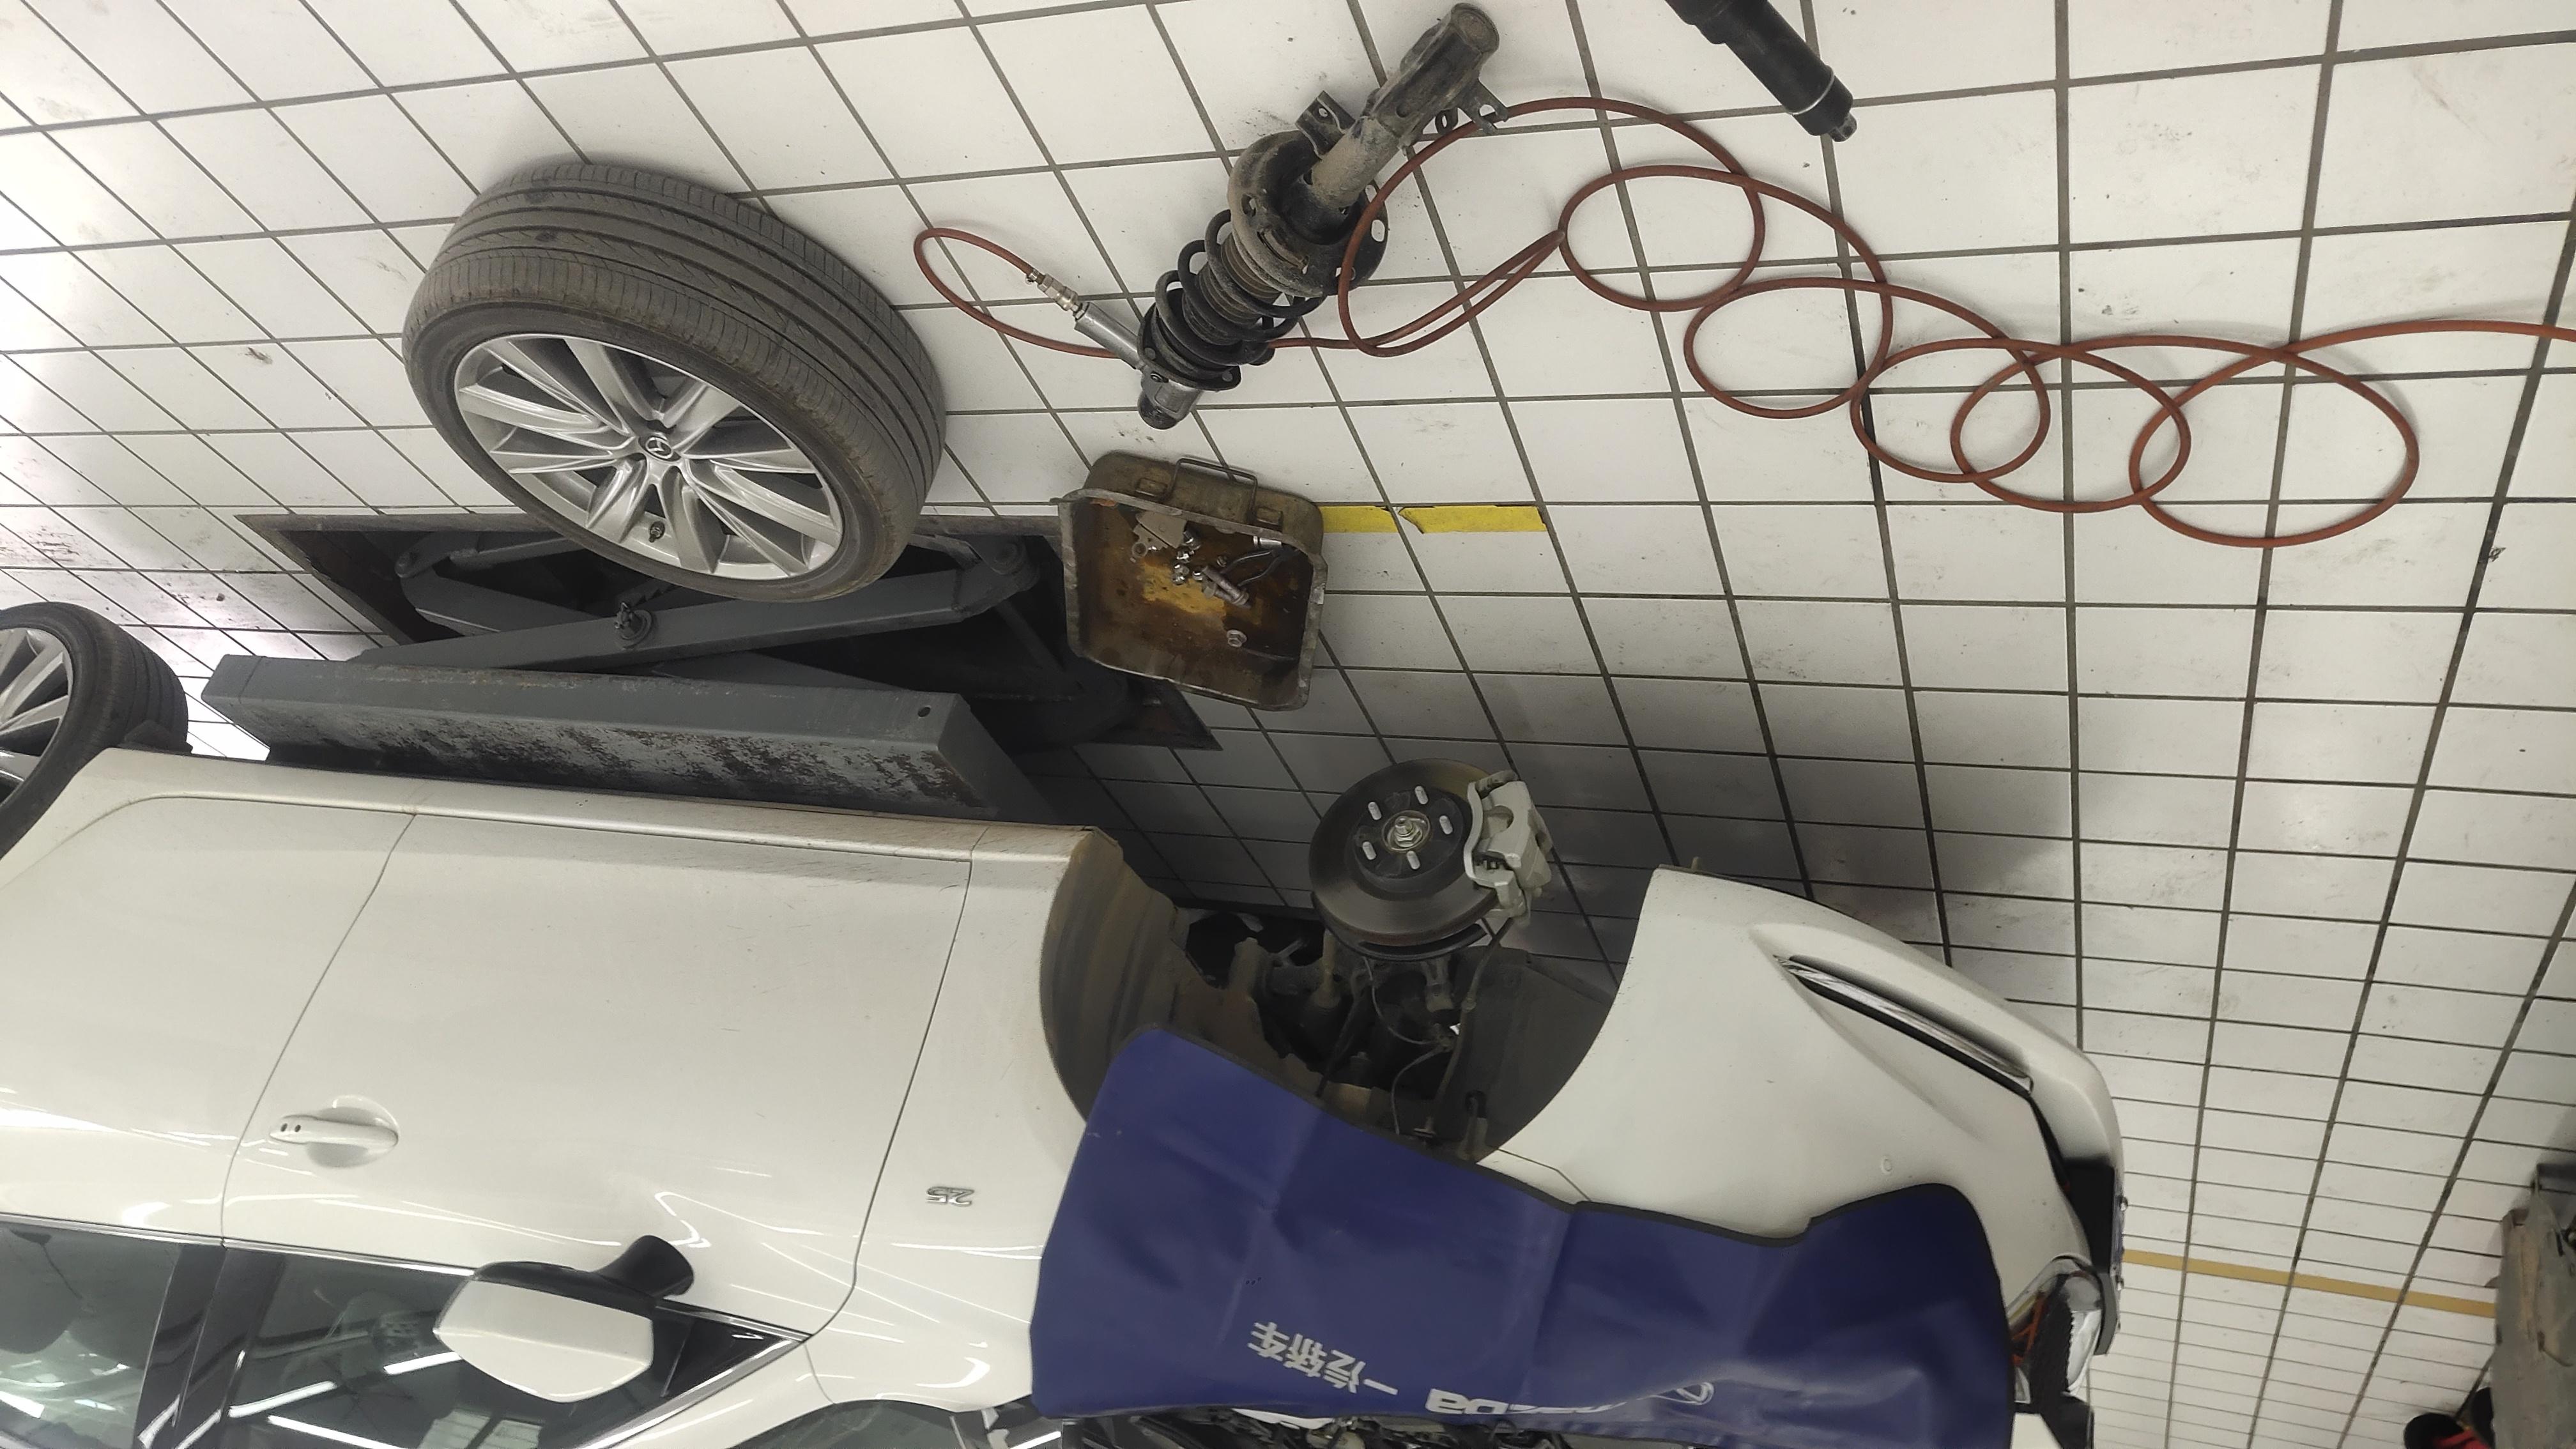 马自达-阿特兹车身异响问题厂家的解决方案